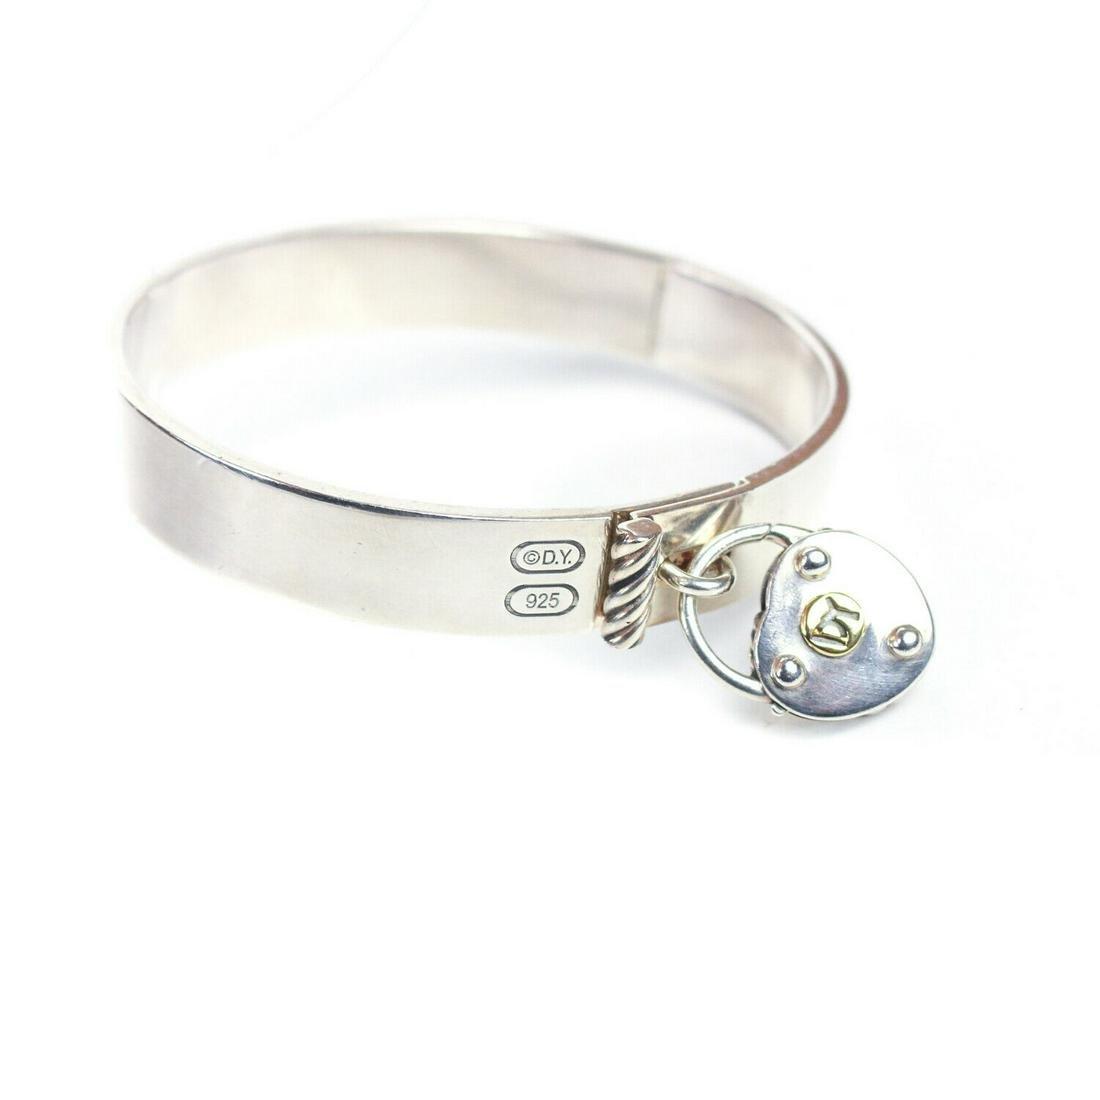 David Yurman - Heart Lock Bracelet - Sterling Silver